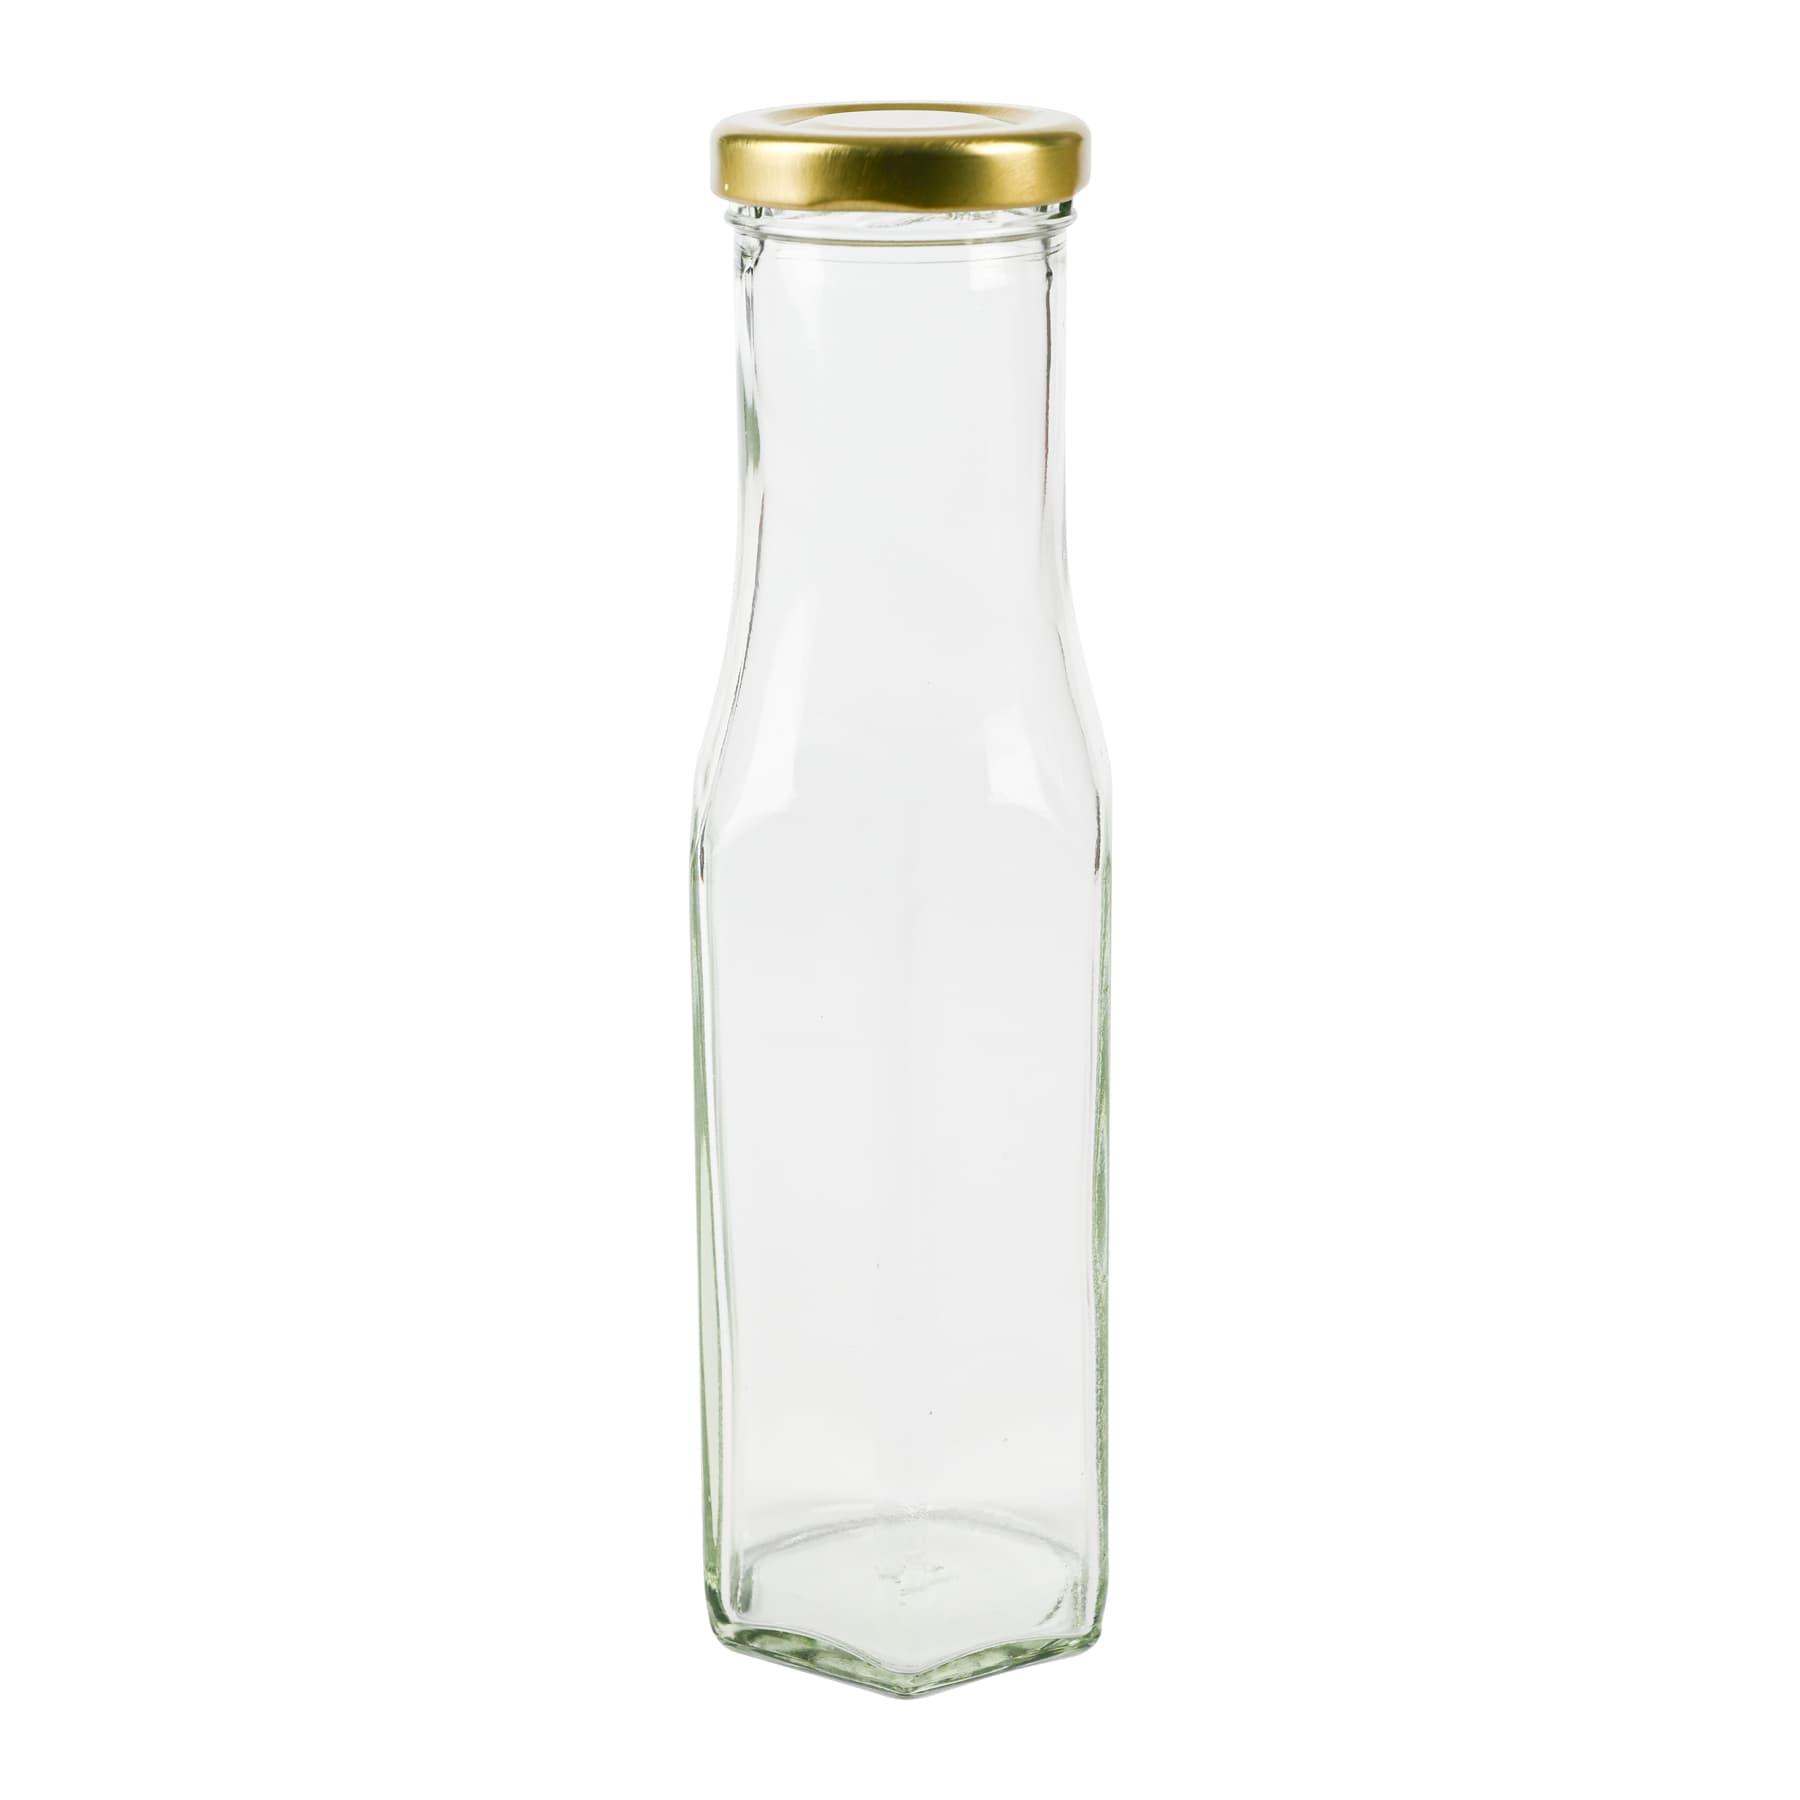 Hexagonalflasche 250 ml weiß (transparent) mit 43 T0 Deckel gold